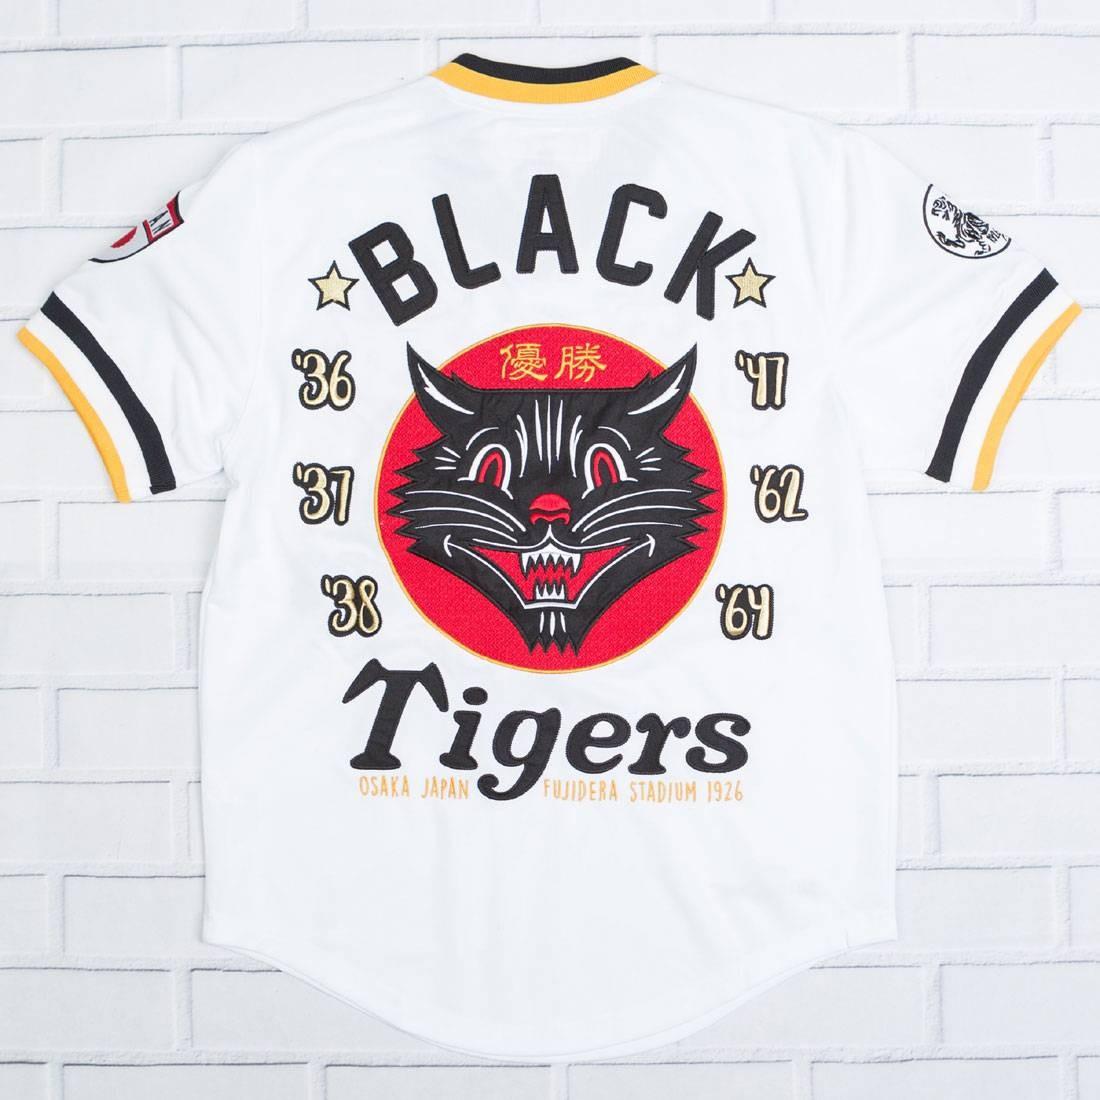 【海外限定】黒 ブラック OSAKA タイガース ジャージ Tシャツ カットソー JERSEY【 BLACK【 IRO OCHI MEN OSAKA TIGERS AWAY JERSEY WHITE】, ZeeShop:5a14ef13 --- sunward.msk.ru